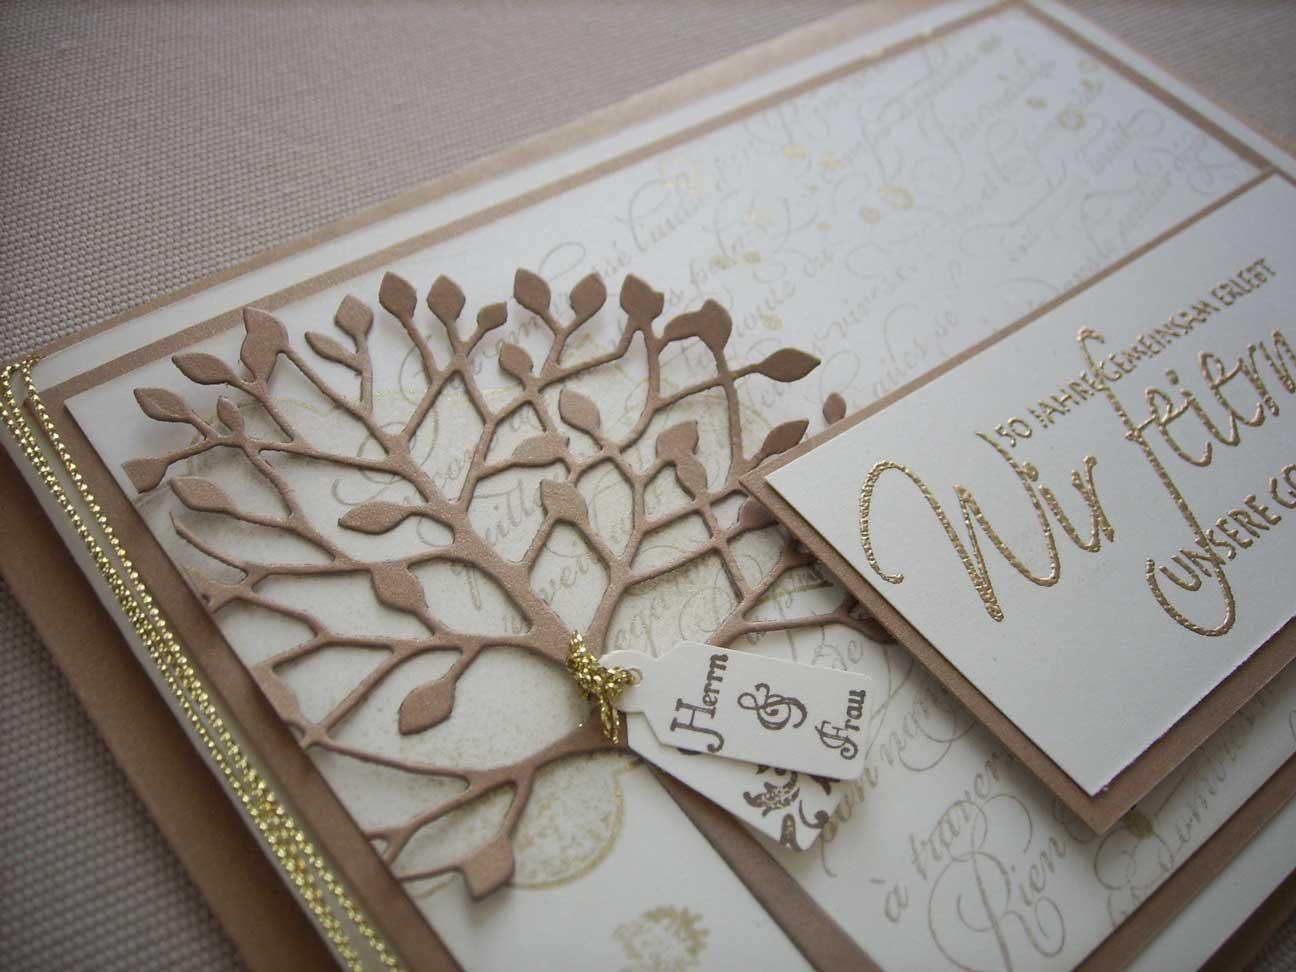 Einladungskarten Zur Goldenen Hochzeit  einladungskarten goldene hochzeit kostenlos